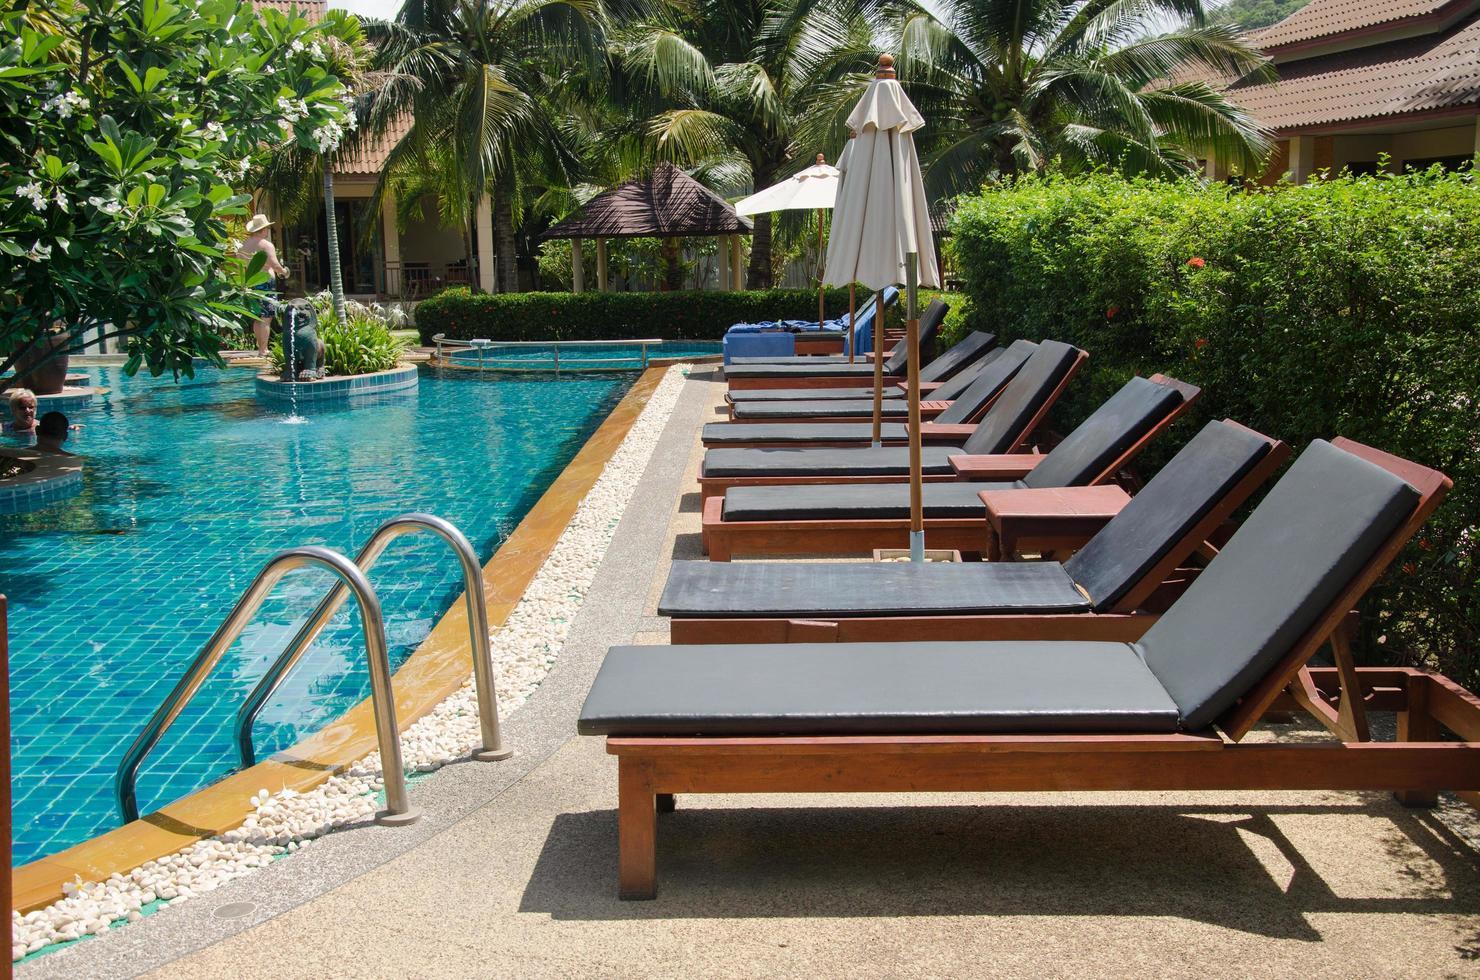 Liegestühle in einem Resort-Pool foto